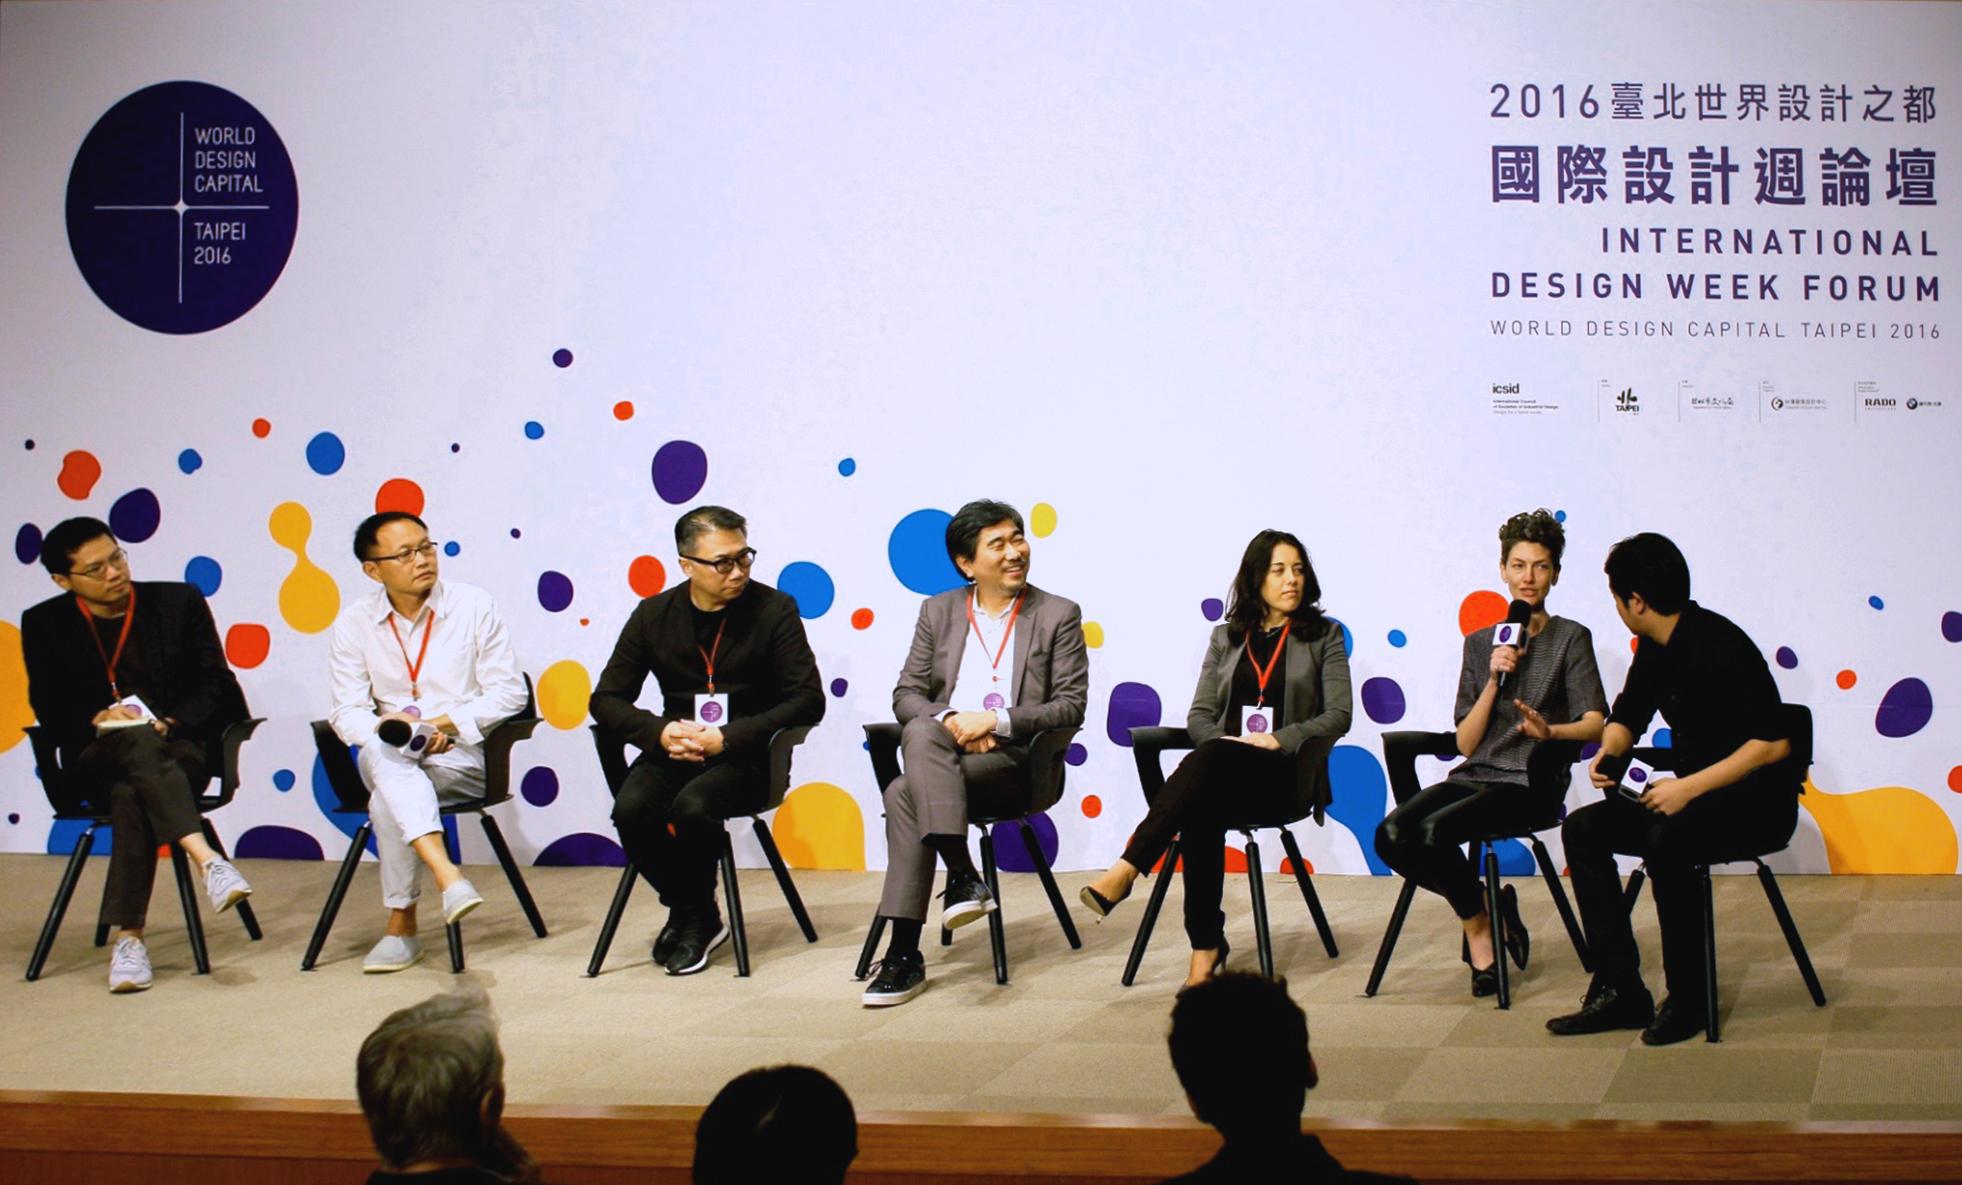 設計之都「國際設計週論壇」